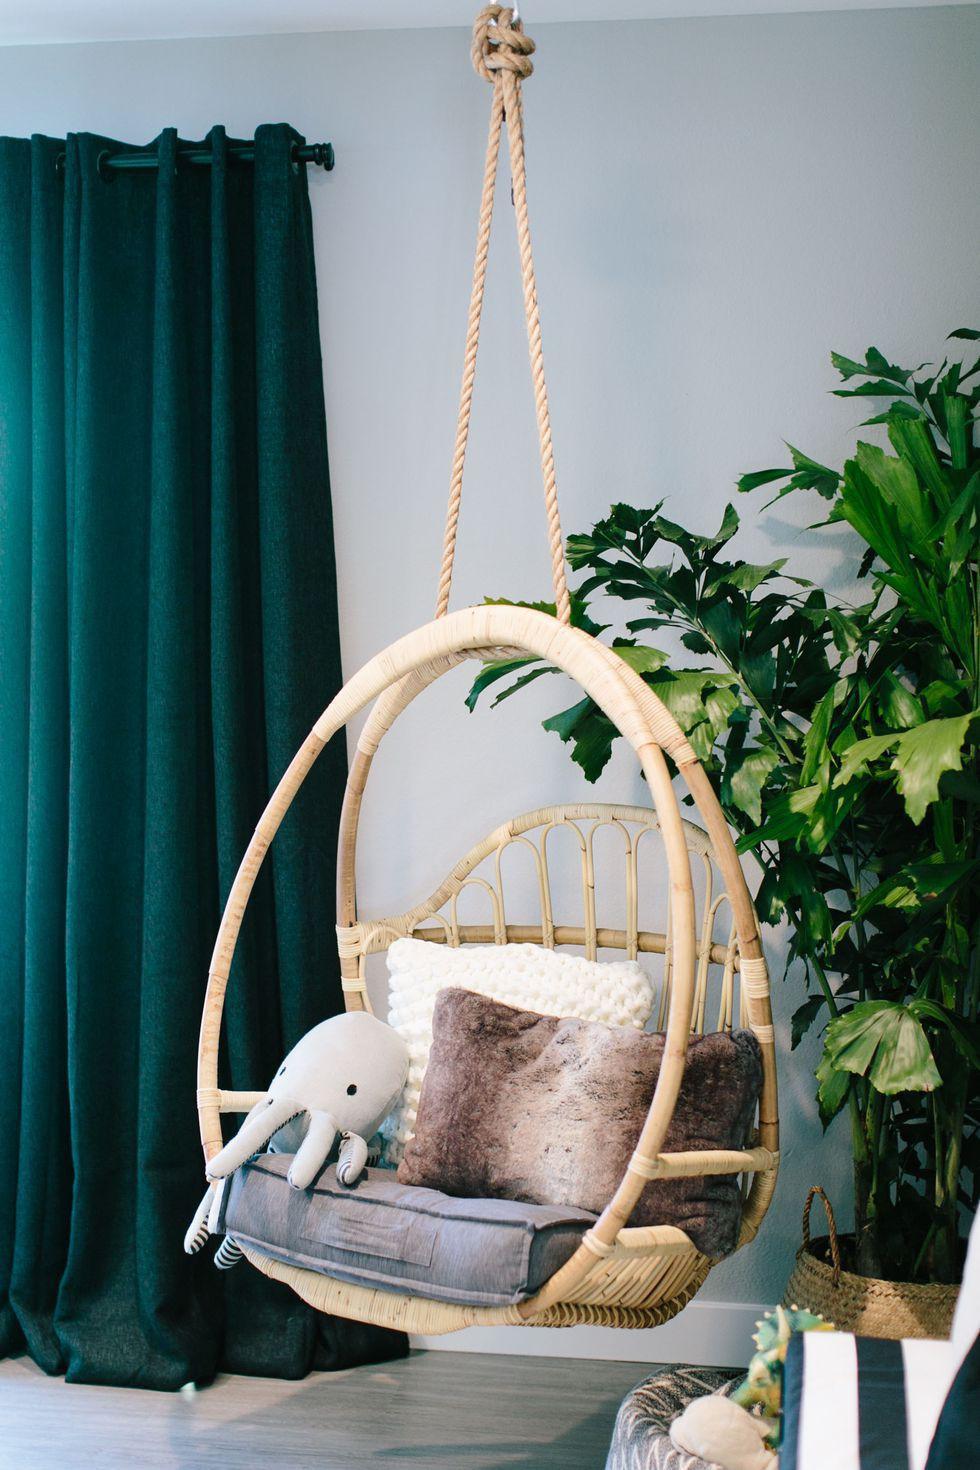 6 gam màu trang trí nhà lấy cảm hứng từ mùa thu thơ mộng được tạp chí nội thất danh giá khuyên dùng - Ảnh 4.